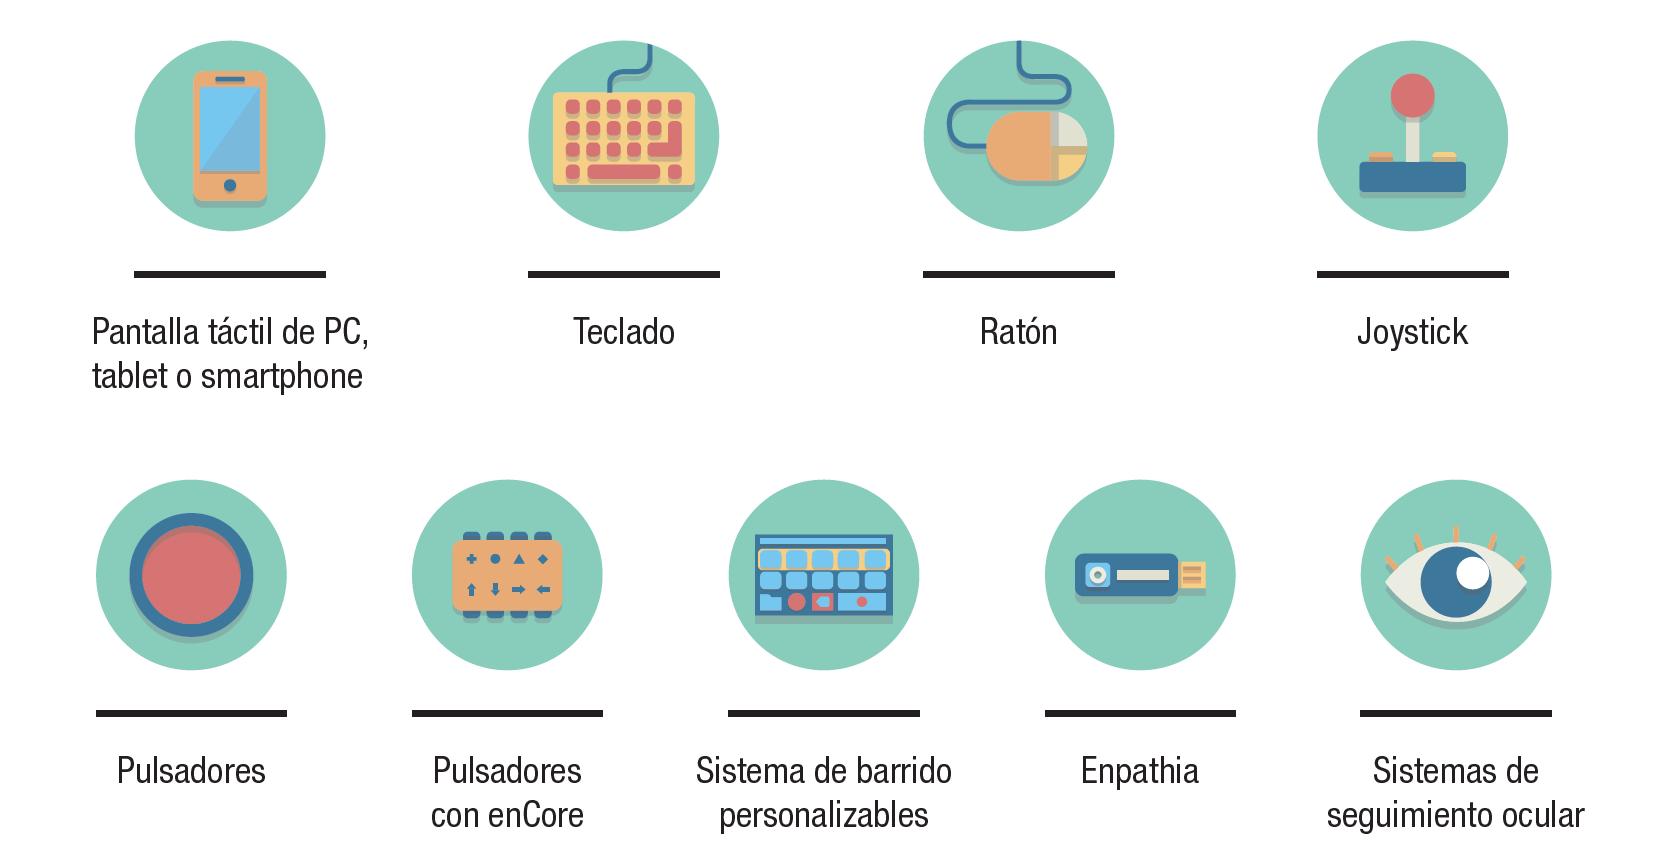 Formas de acceso alternativas para el ordenador y tablet con Eneso Verbo